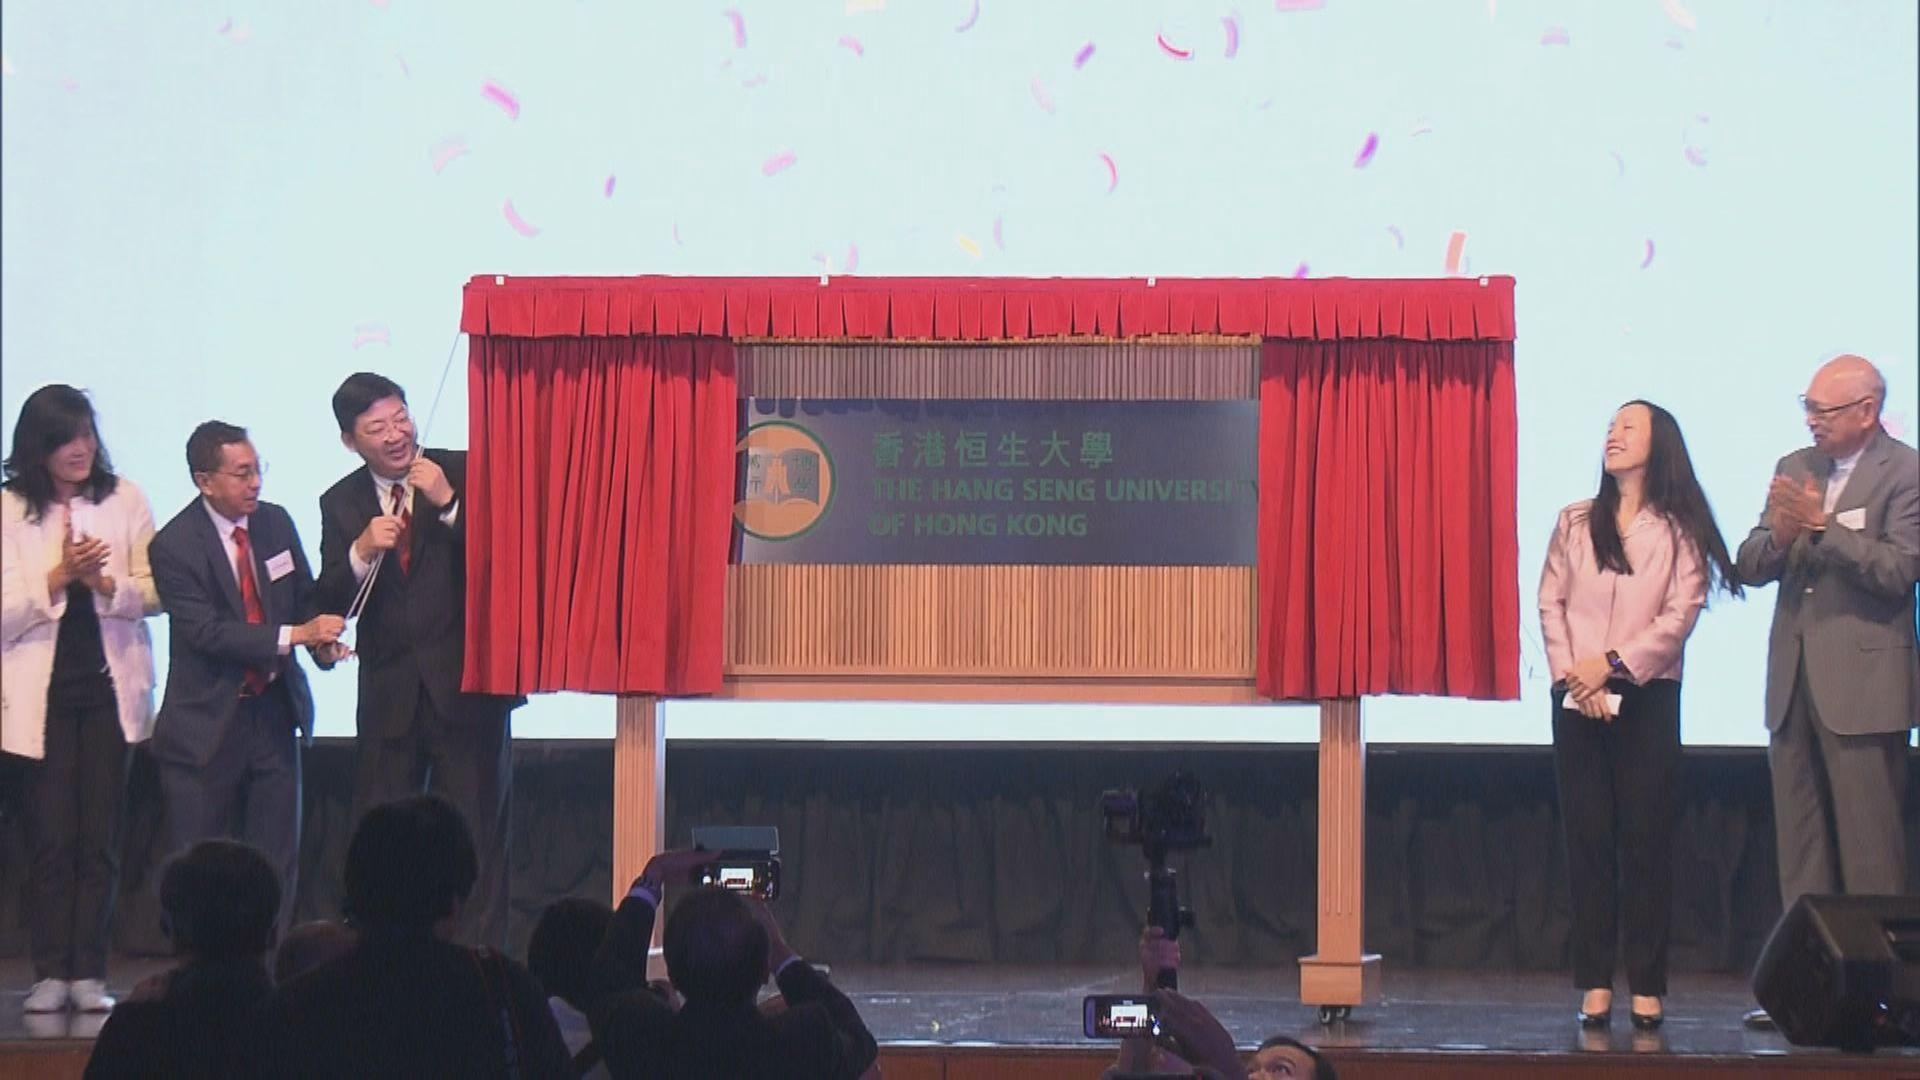 香港恒生大學舉行正名啟動禮